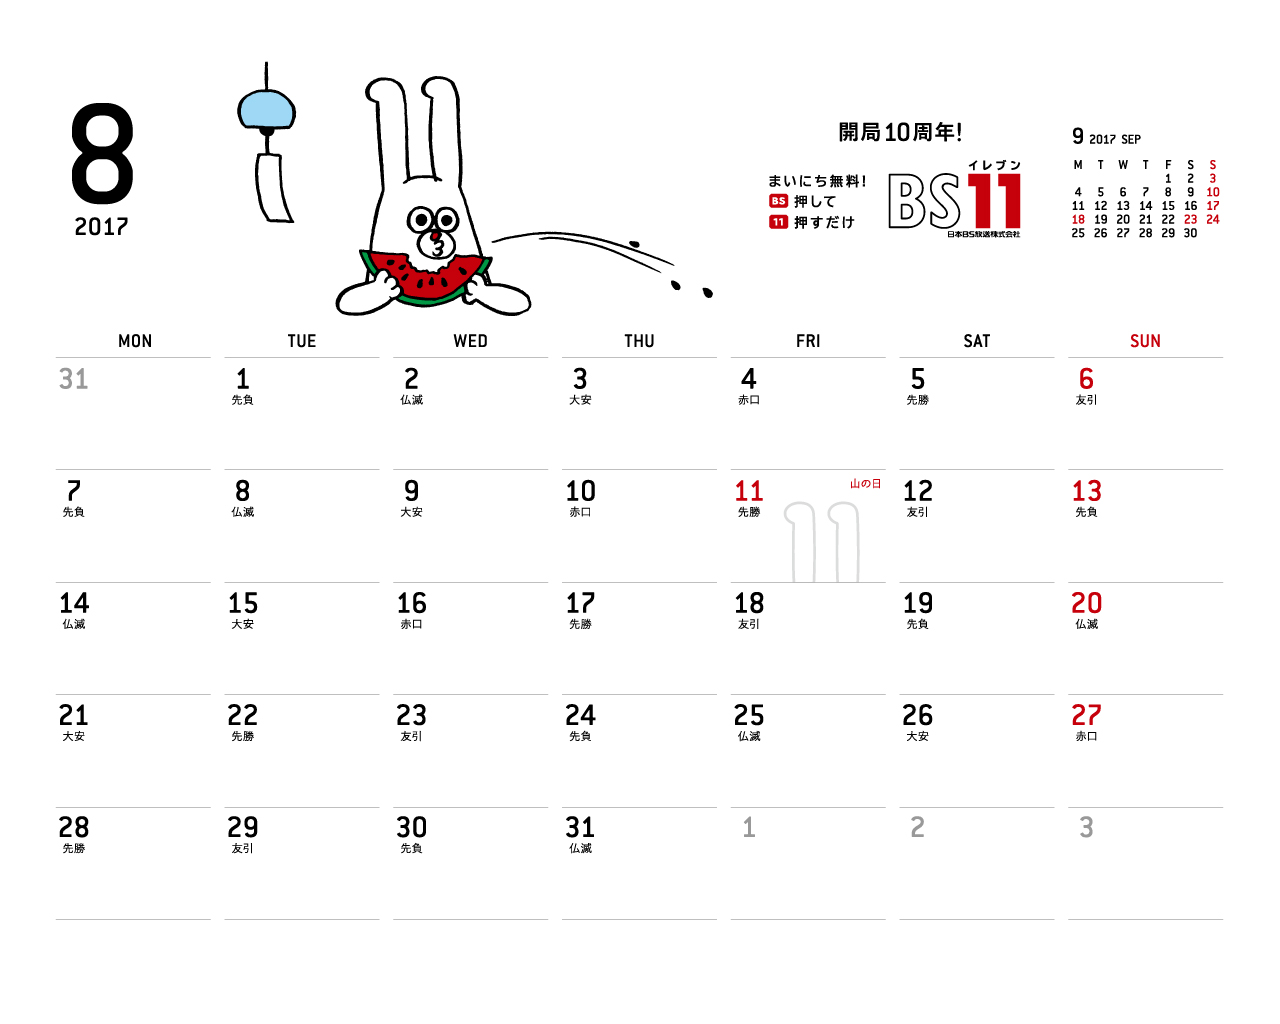 デジタルカレンダー 2017年8月